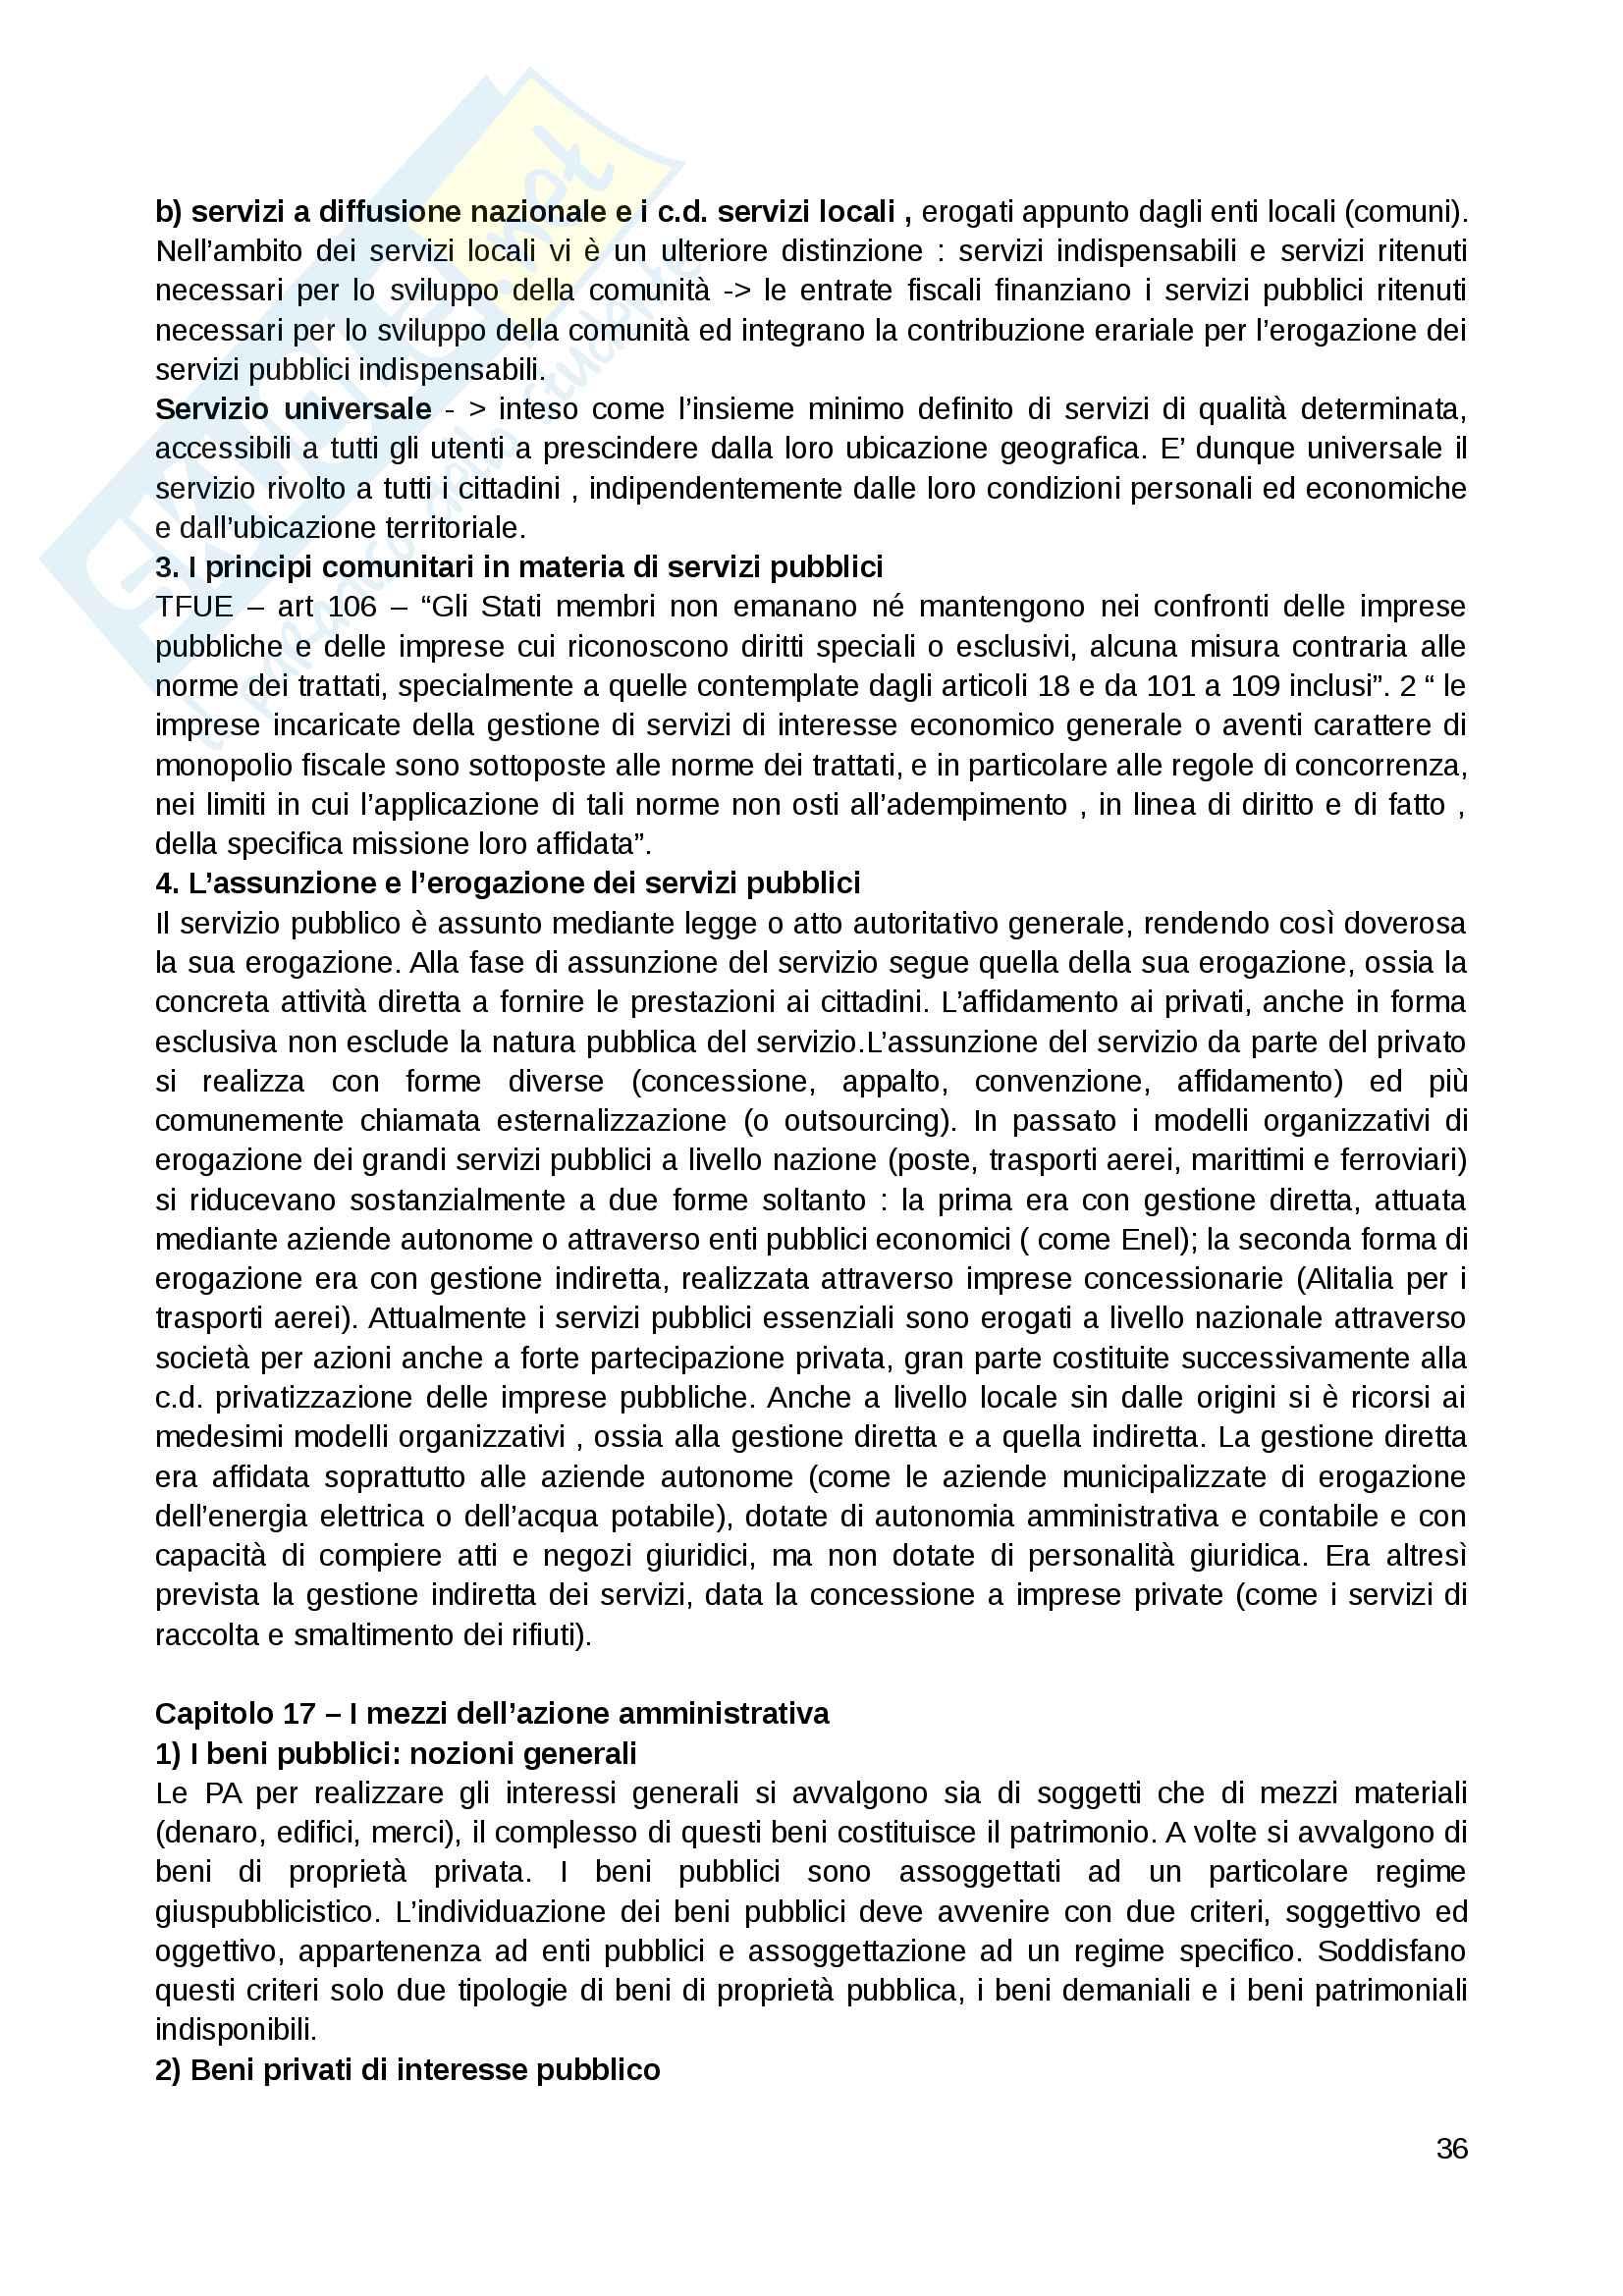 Riassunto esame Diritto amministrativo, Prof. Giuffrida, Libro consigliato Lineamenti di diritto amministrativo, Crosetti, Giuffrida Pag. 36